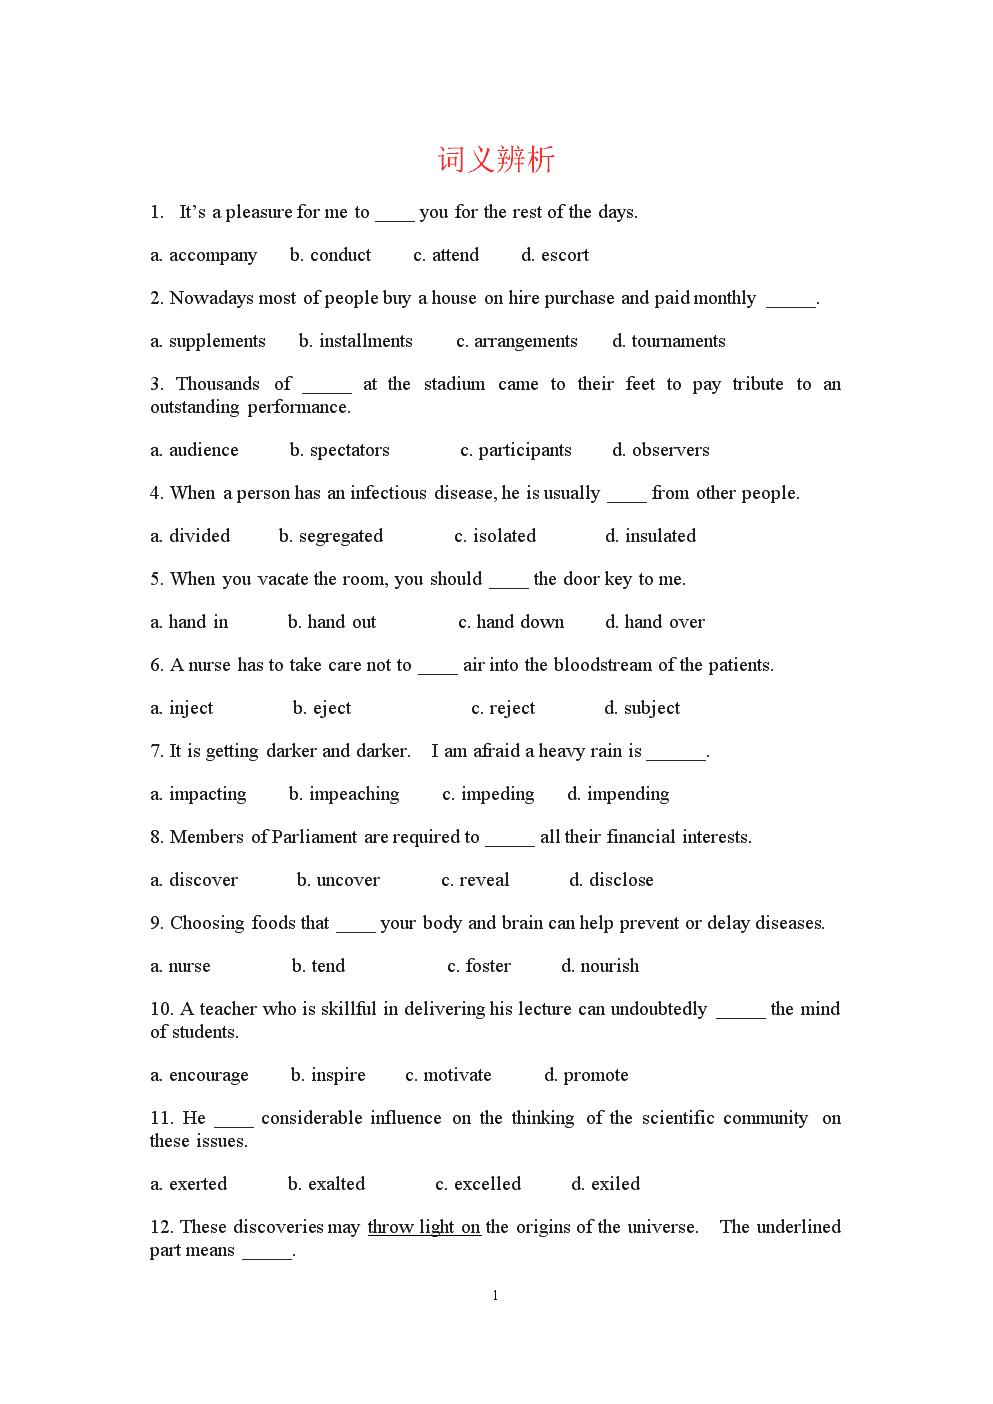 专四词义辨析-50题.doc